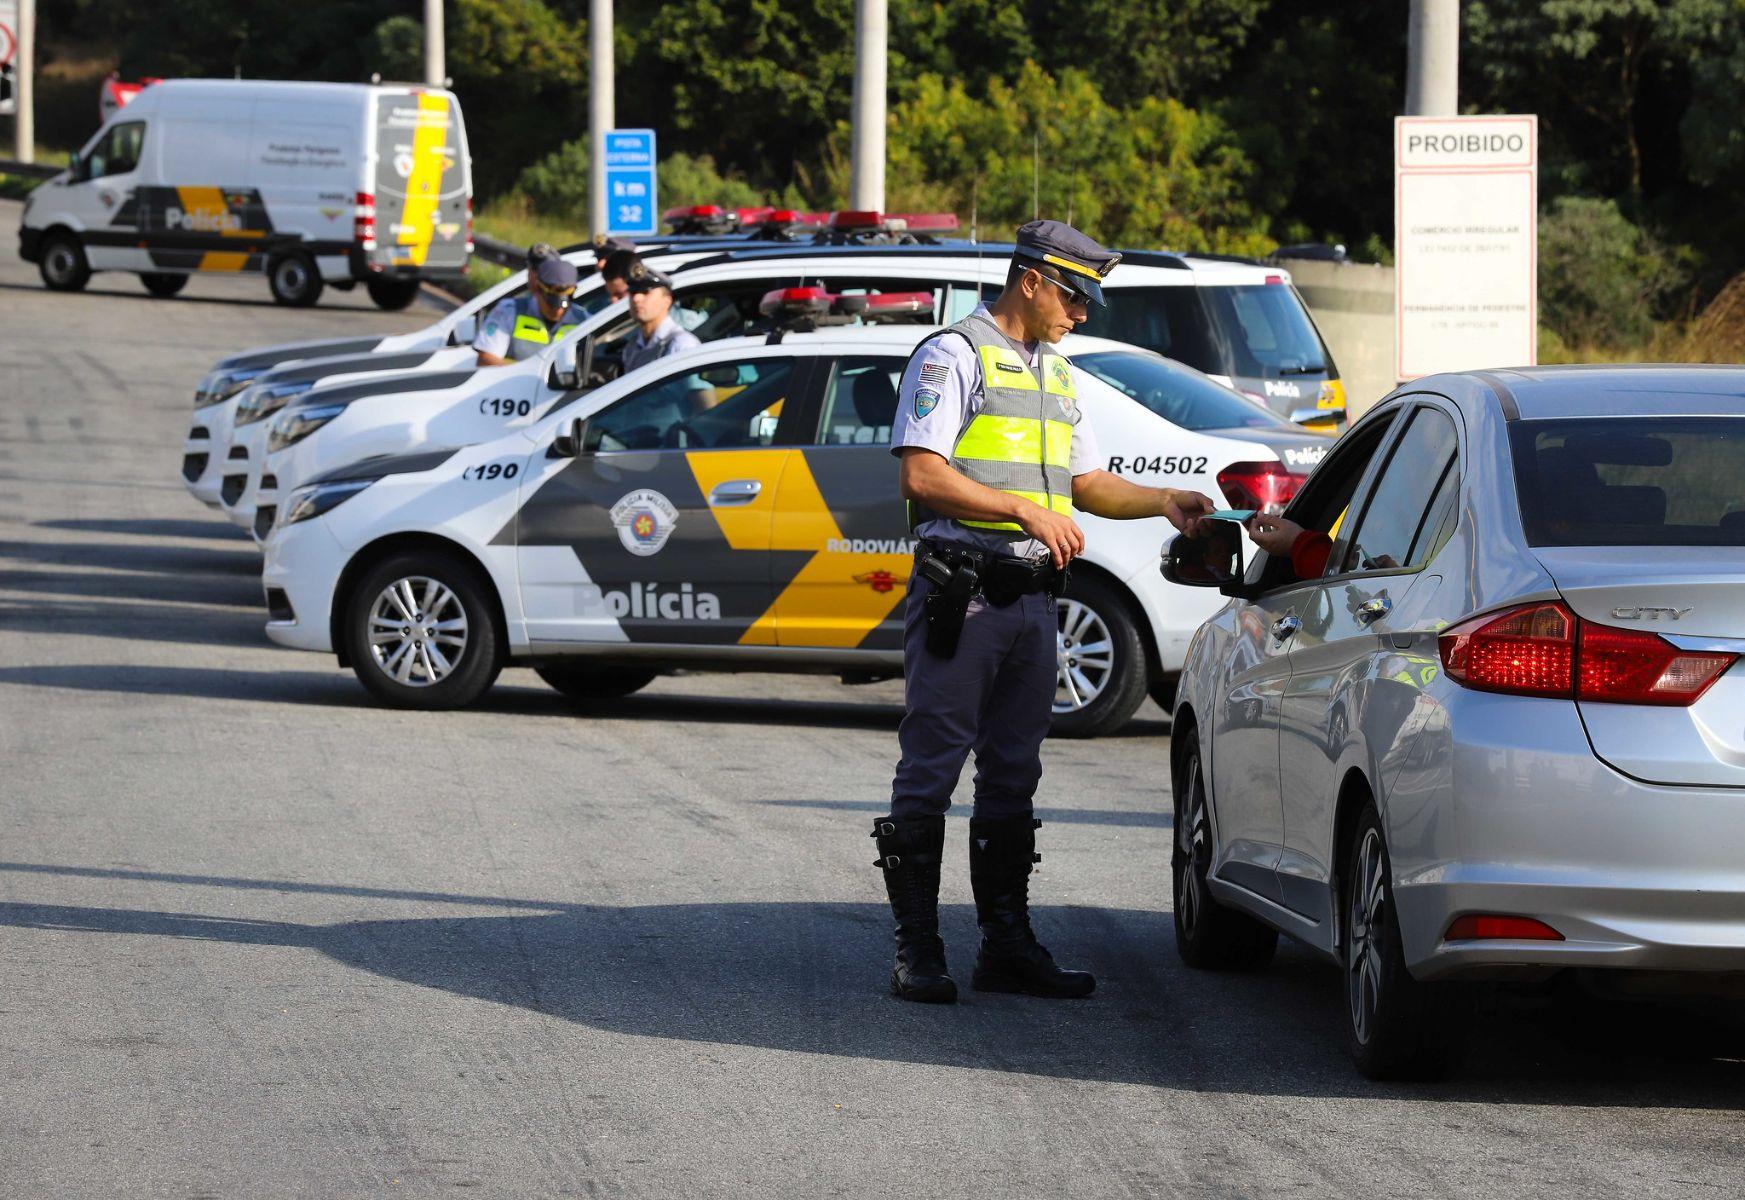 policial militar da cptran de sao paulo com documentos de motorista nas maos em fiscalizacao de transito com viaturas atras fotos governo de sao paulo